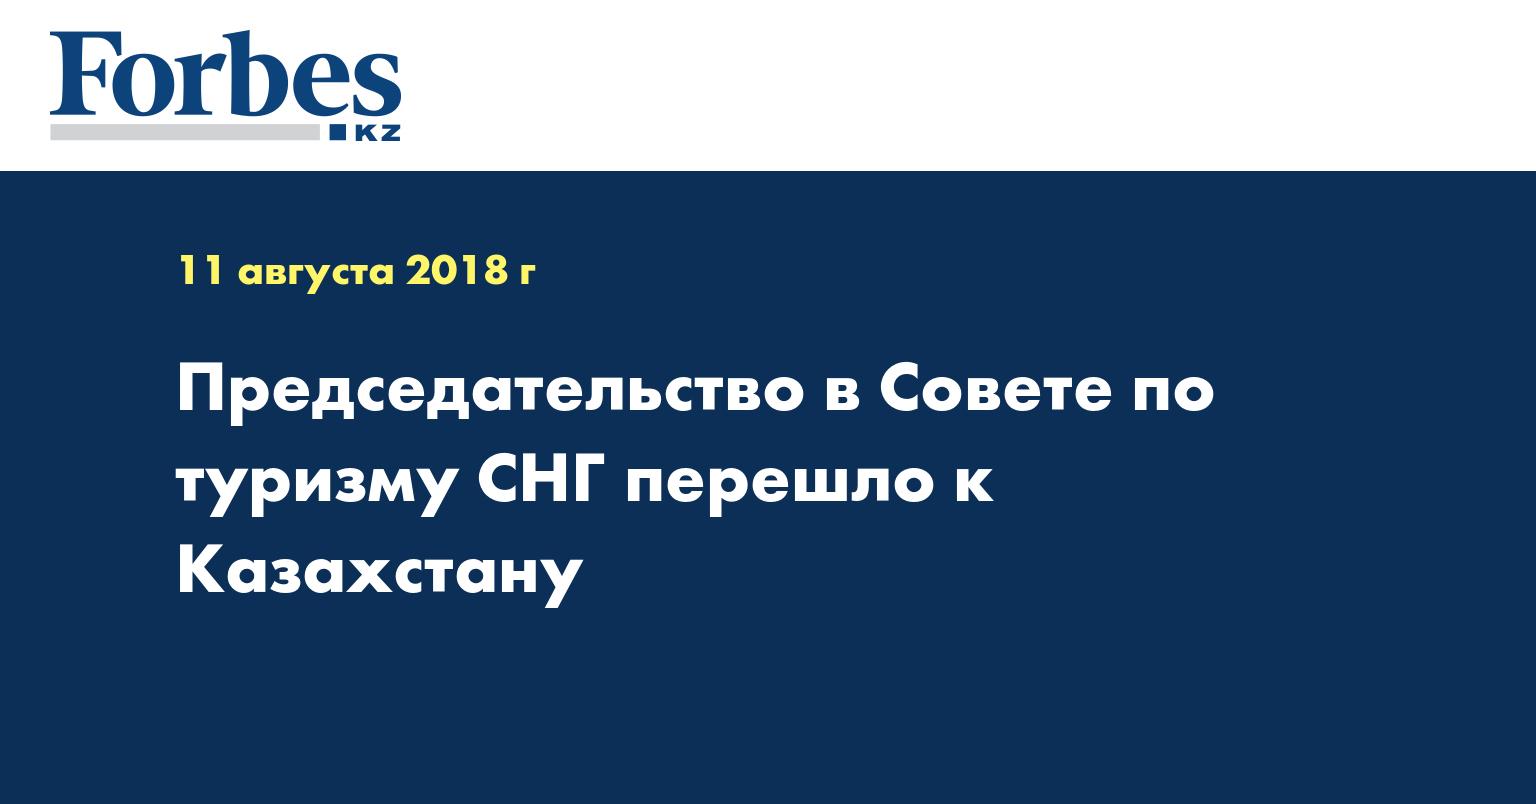 Председательство в Совете по туризму СНГ перешло к Казахстану